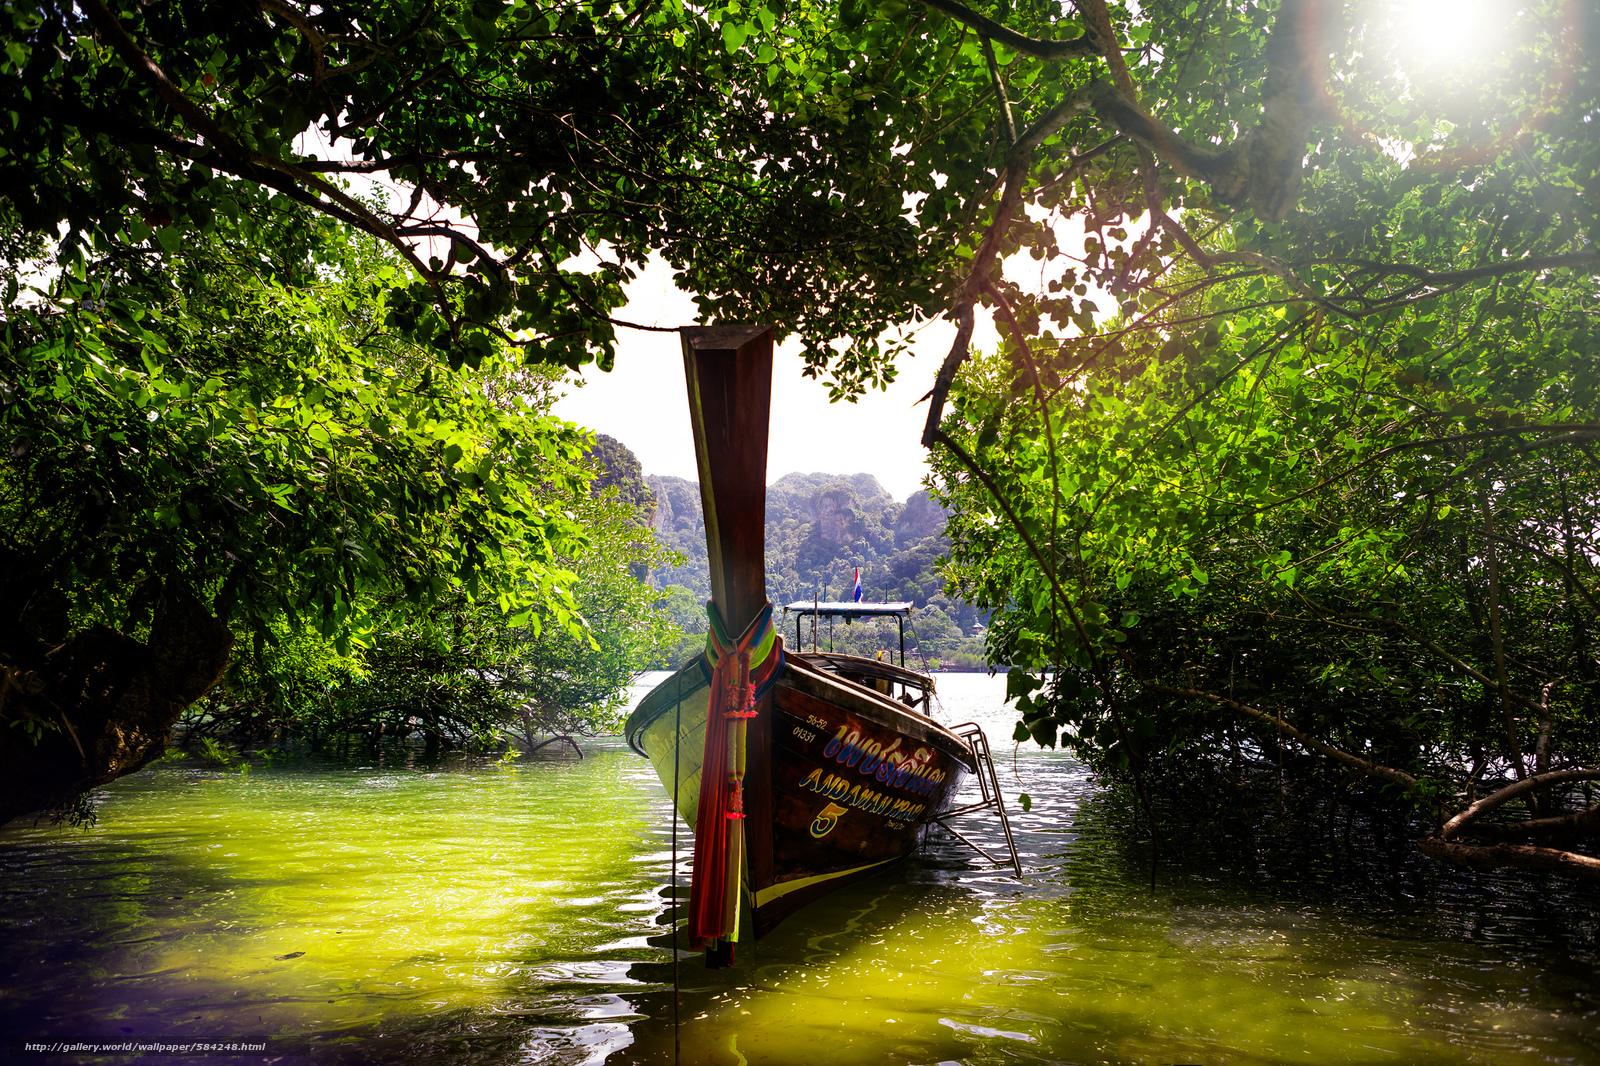 вода лодка деревья